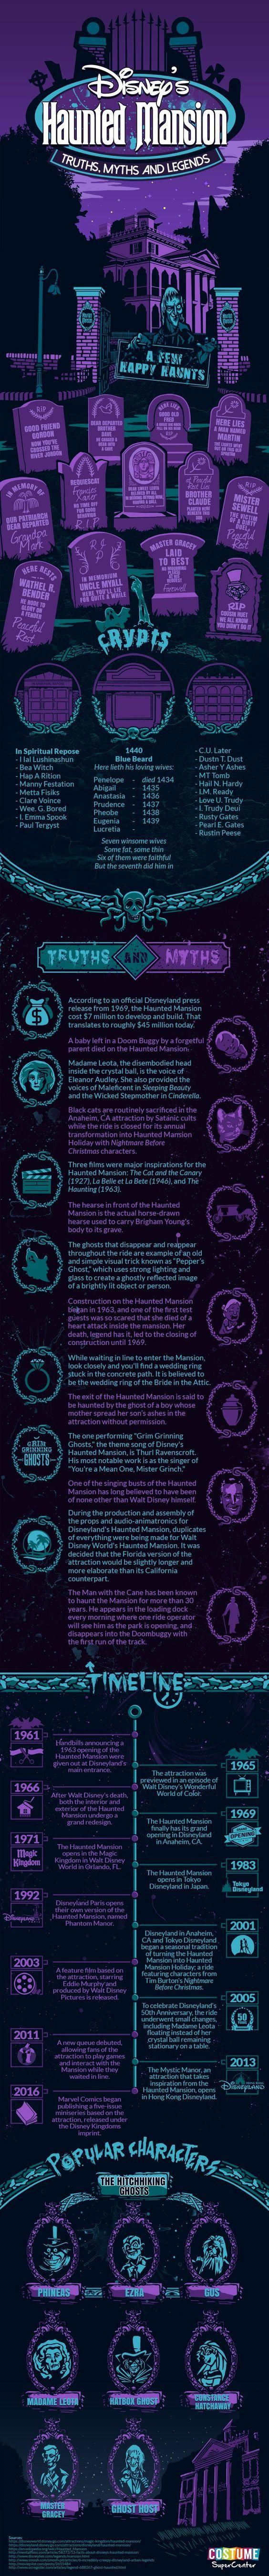 Infographic Disney spookhuis